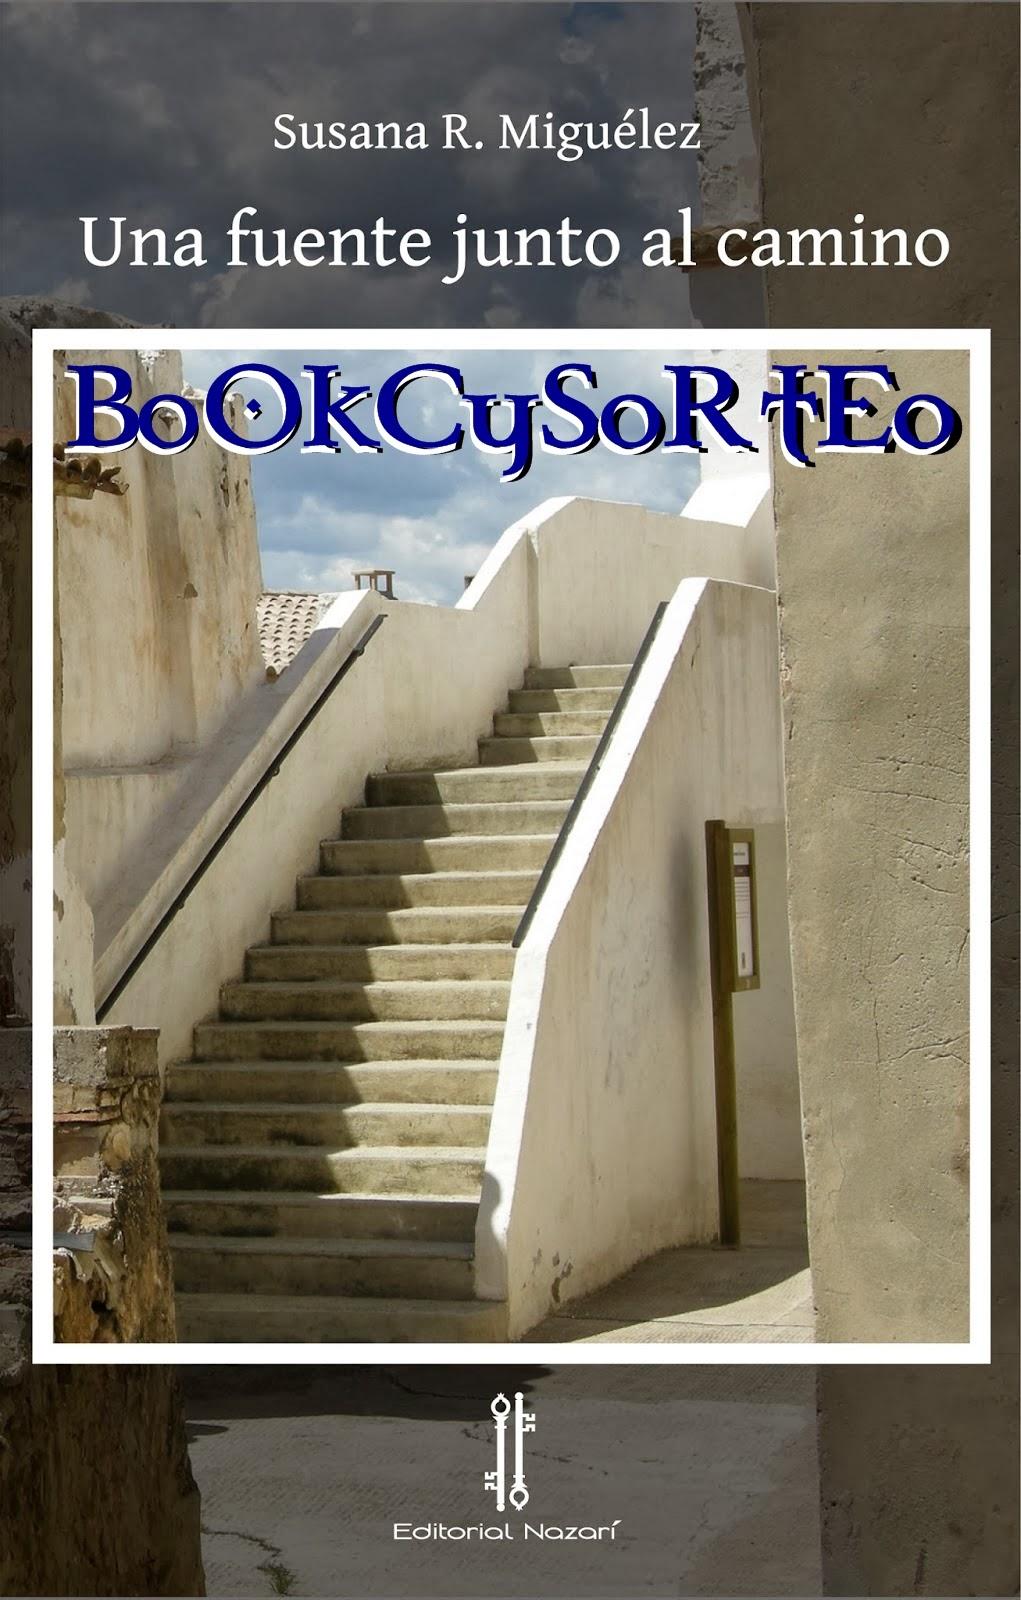 http://bookcyfer.blogspot.com.es/2014/02/bookcysorteo.html